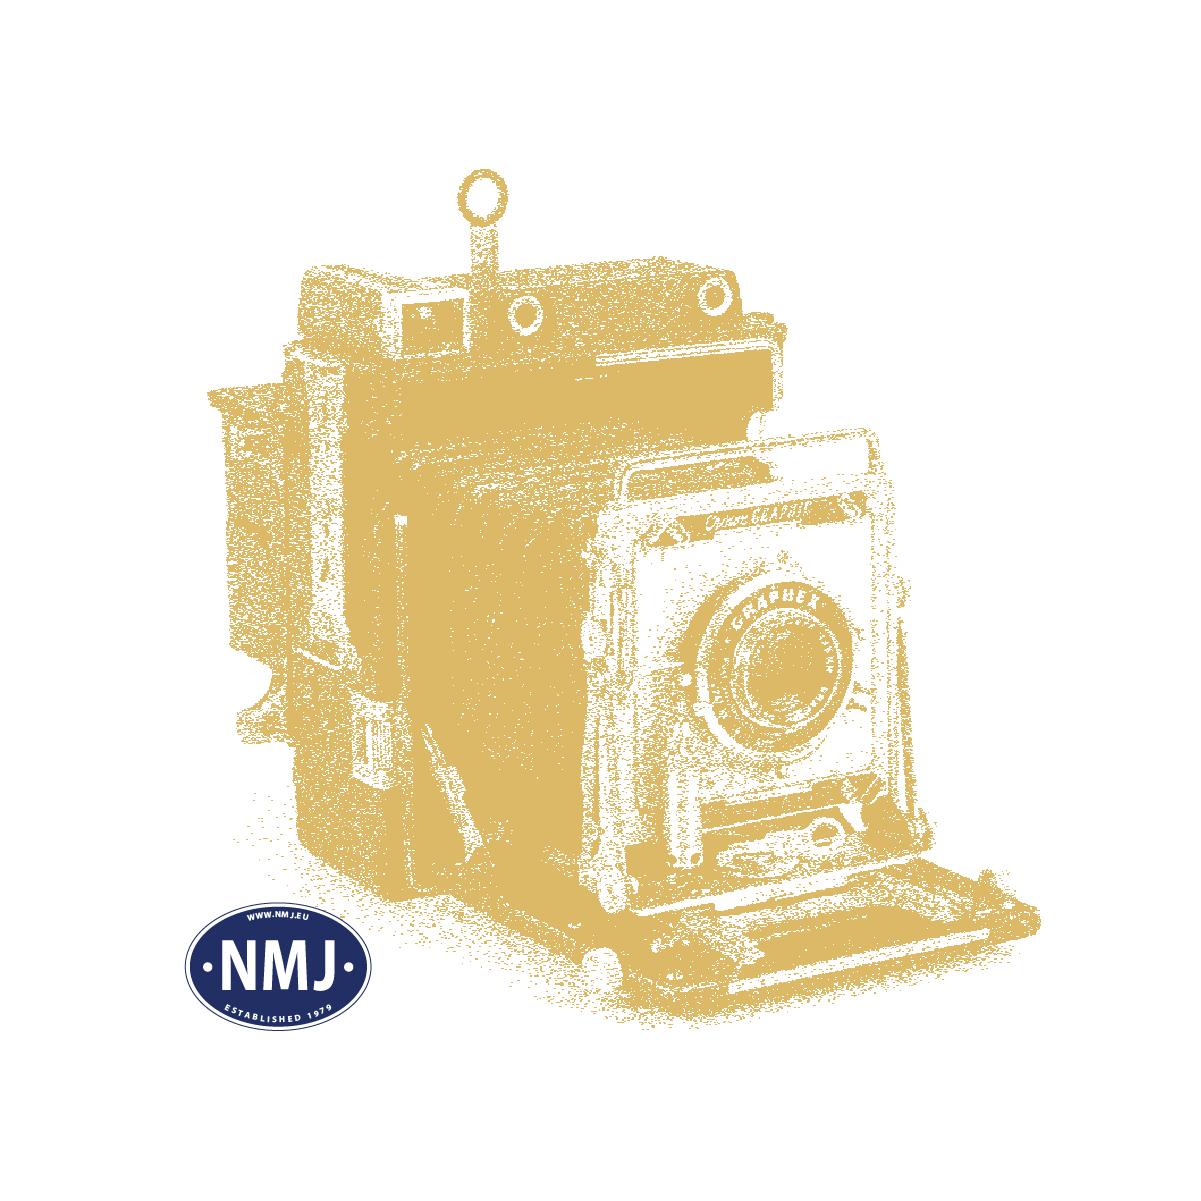 NMJT93001 - NMJ Topline SJ Y1 1309, Oransje, DCC m/ Lyd